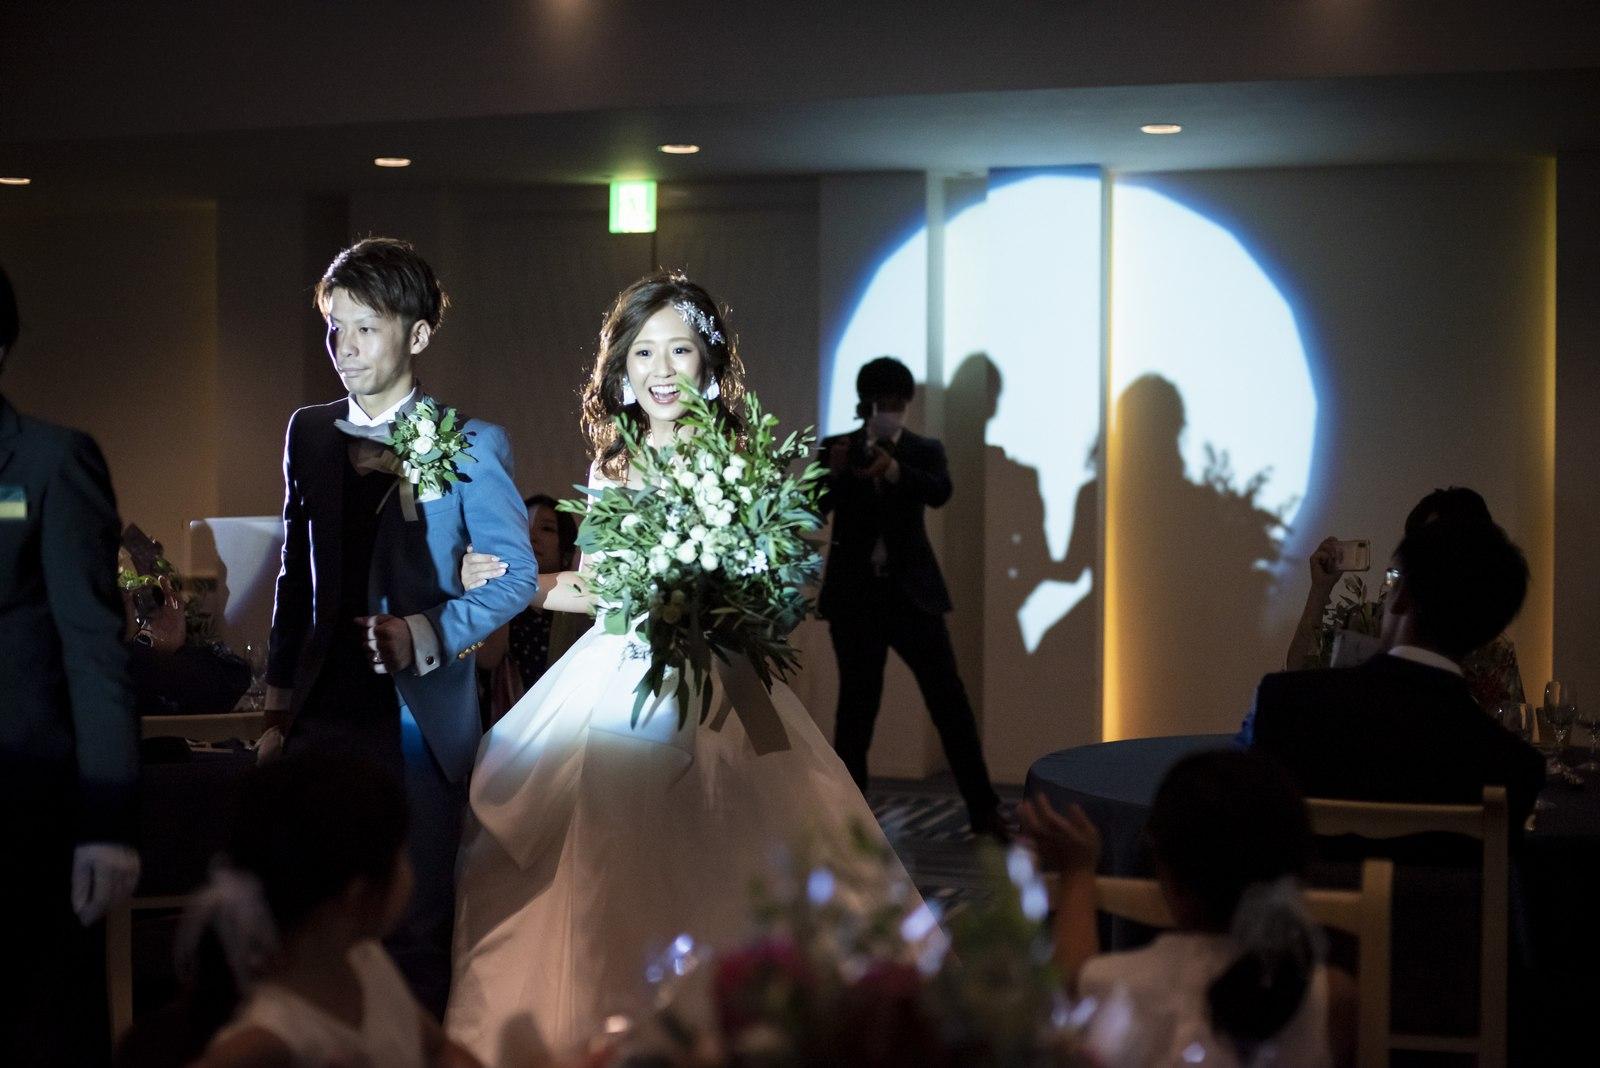 香川県の結婚式場シェルエメール&アイスタイルの新郎新婦入場